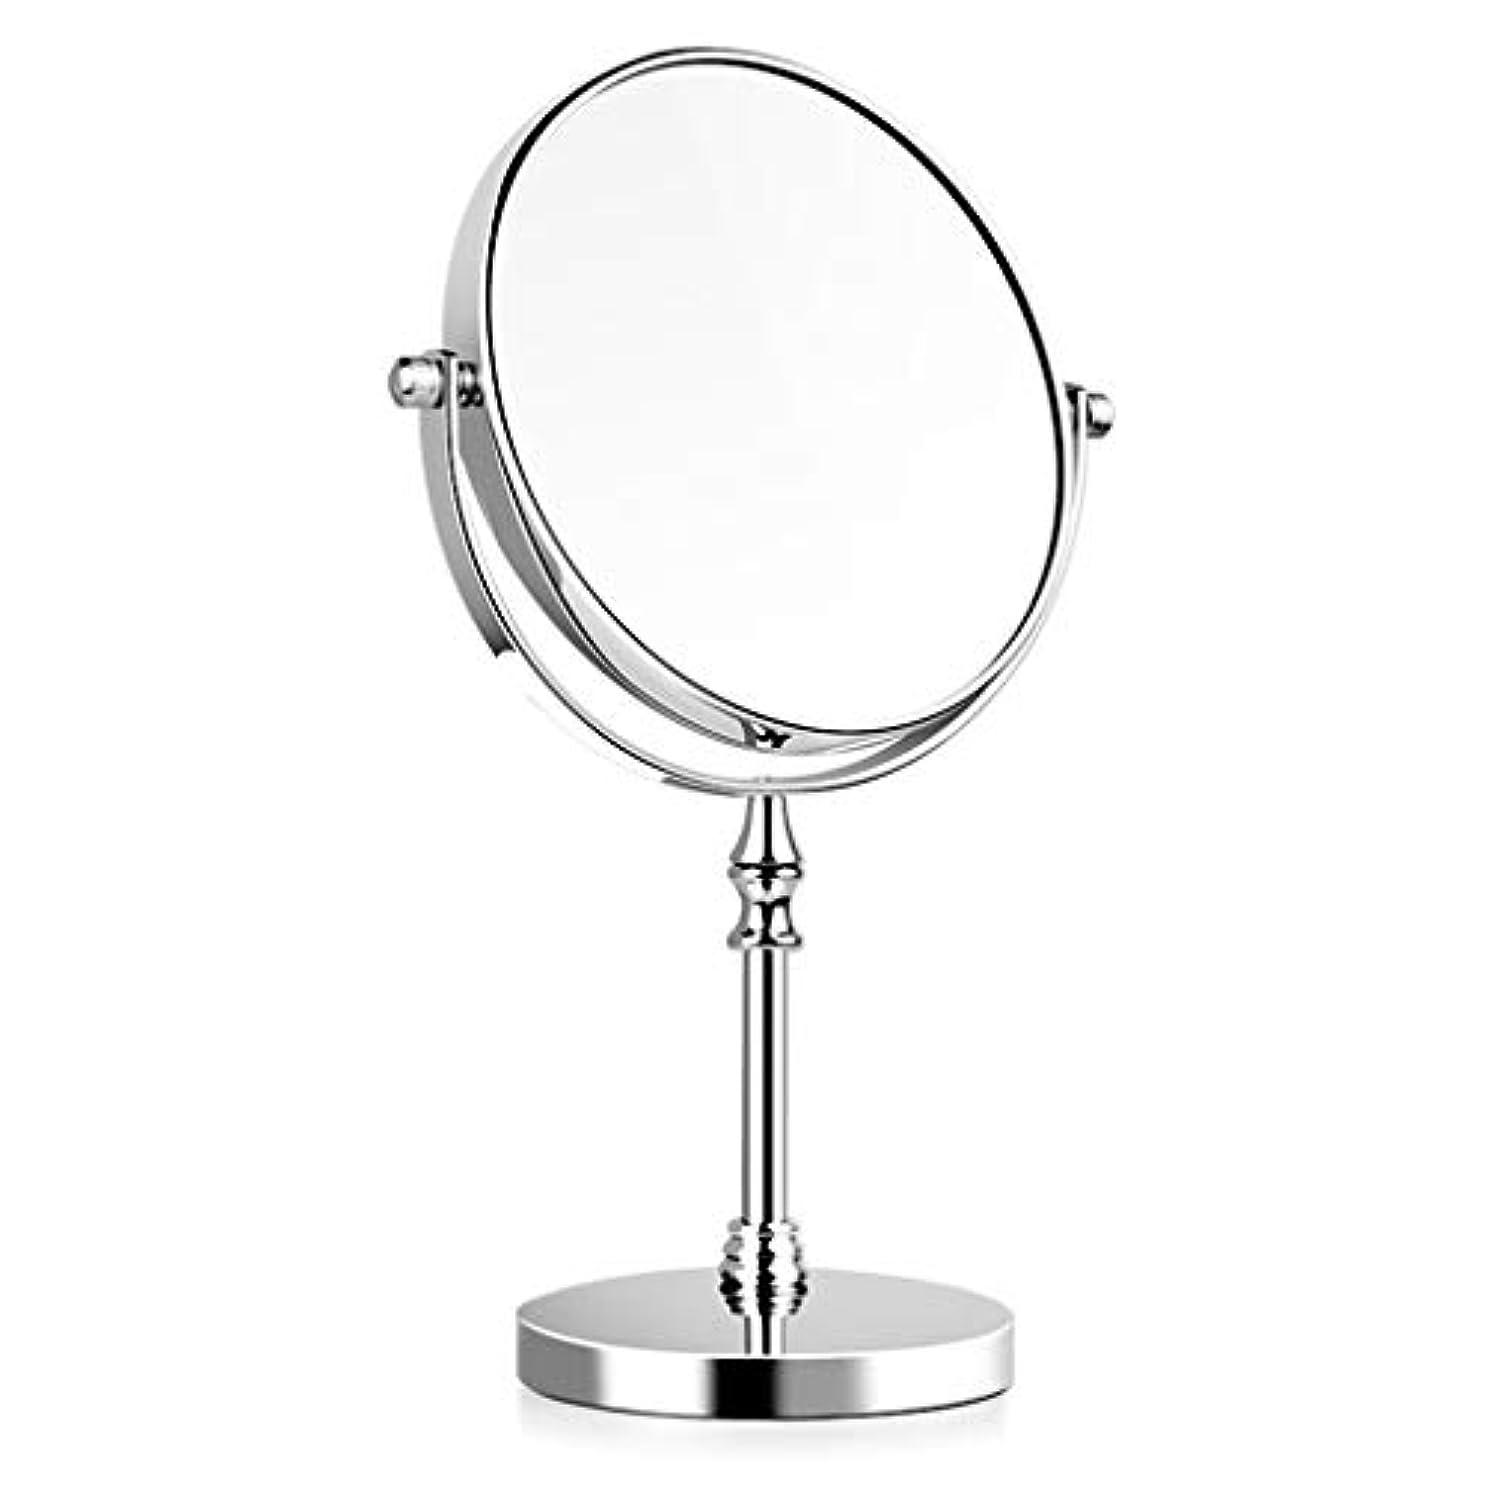 トークン接続されたどきどき.化粧鏡 化粧鏡大型HD両面デスクトップ化粧鏡化粧鏡3倍倍率360°回転 ED化粧鏡1倍/ 2倍/ 3倍/ 5倍/ 10倍拡大鏡ポ